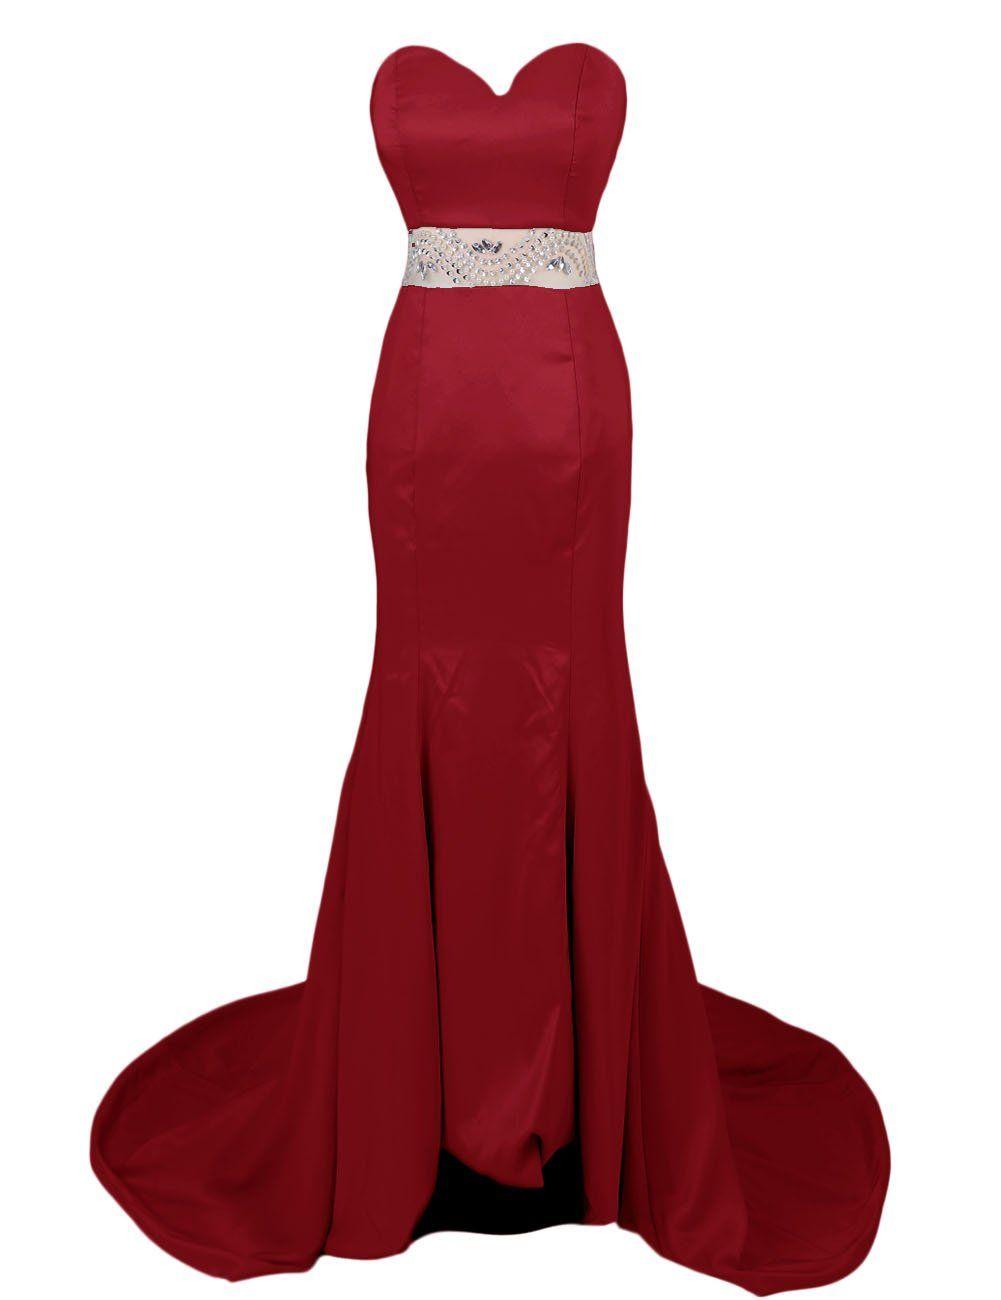 Dresstells womenus long mermaid satin dress prom dress wedding dress